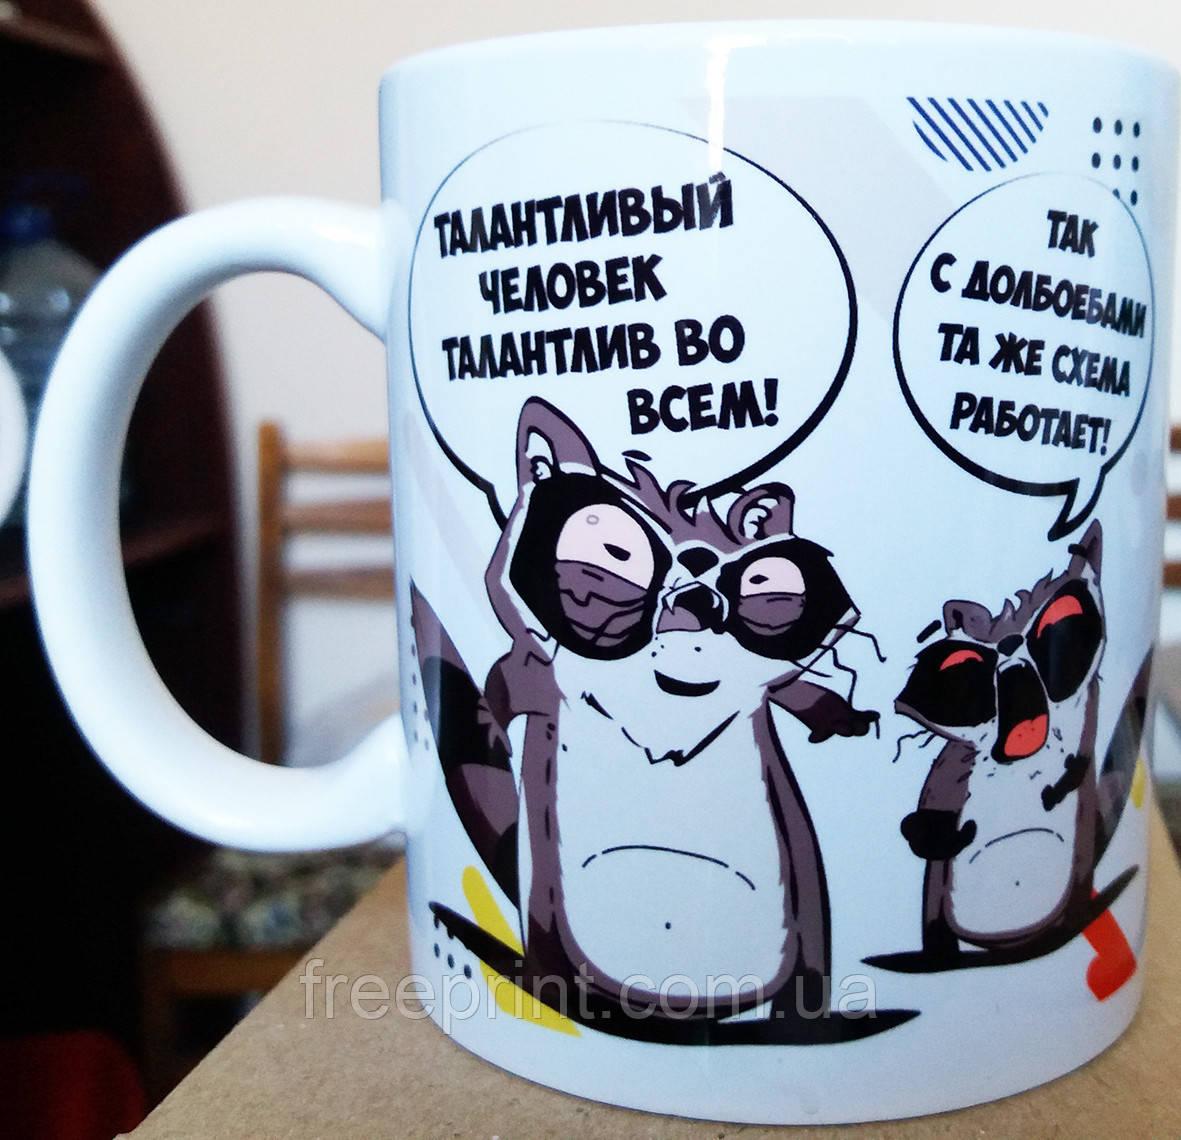 """Чашка-прикол """"Енот Толик - таланты д@лб@ебы"""". Печать на чашках, кружках. Нанесение логотипа на чашку"""